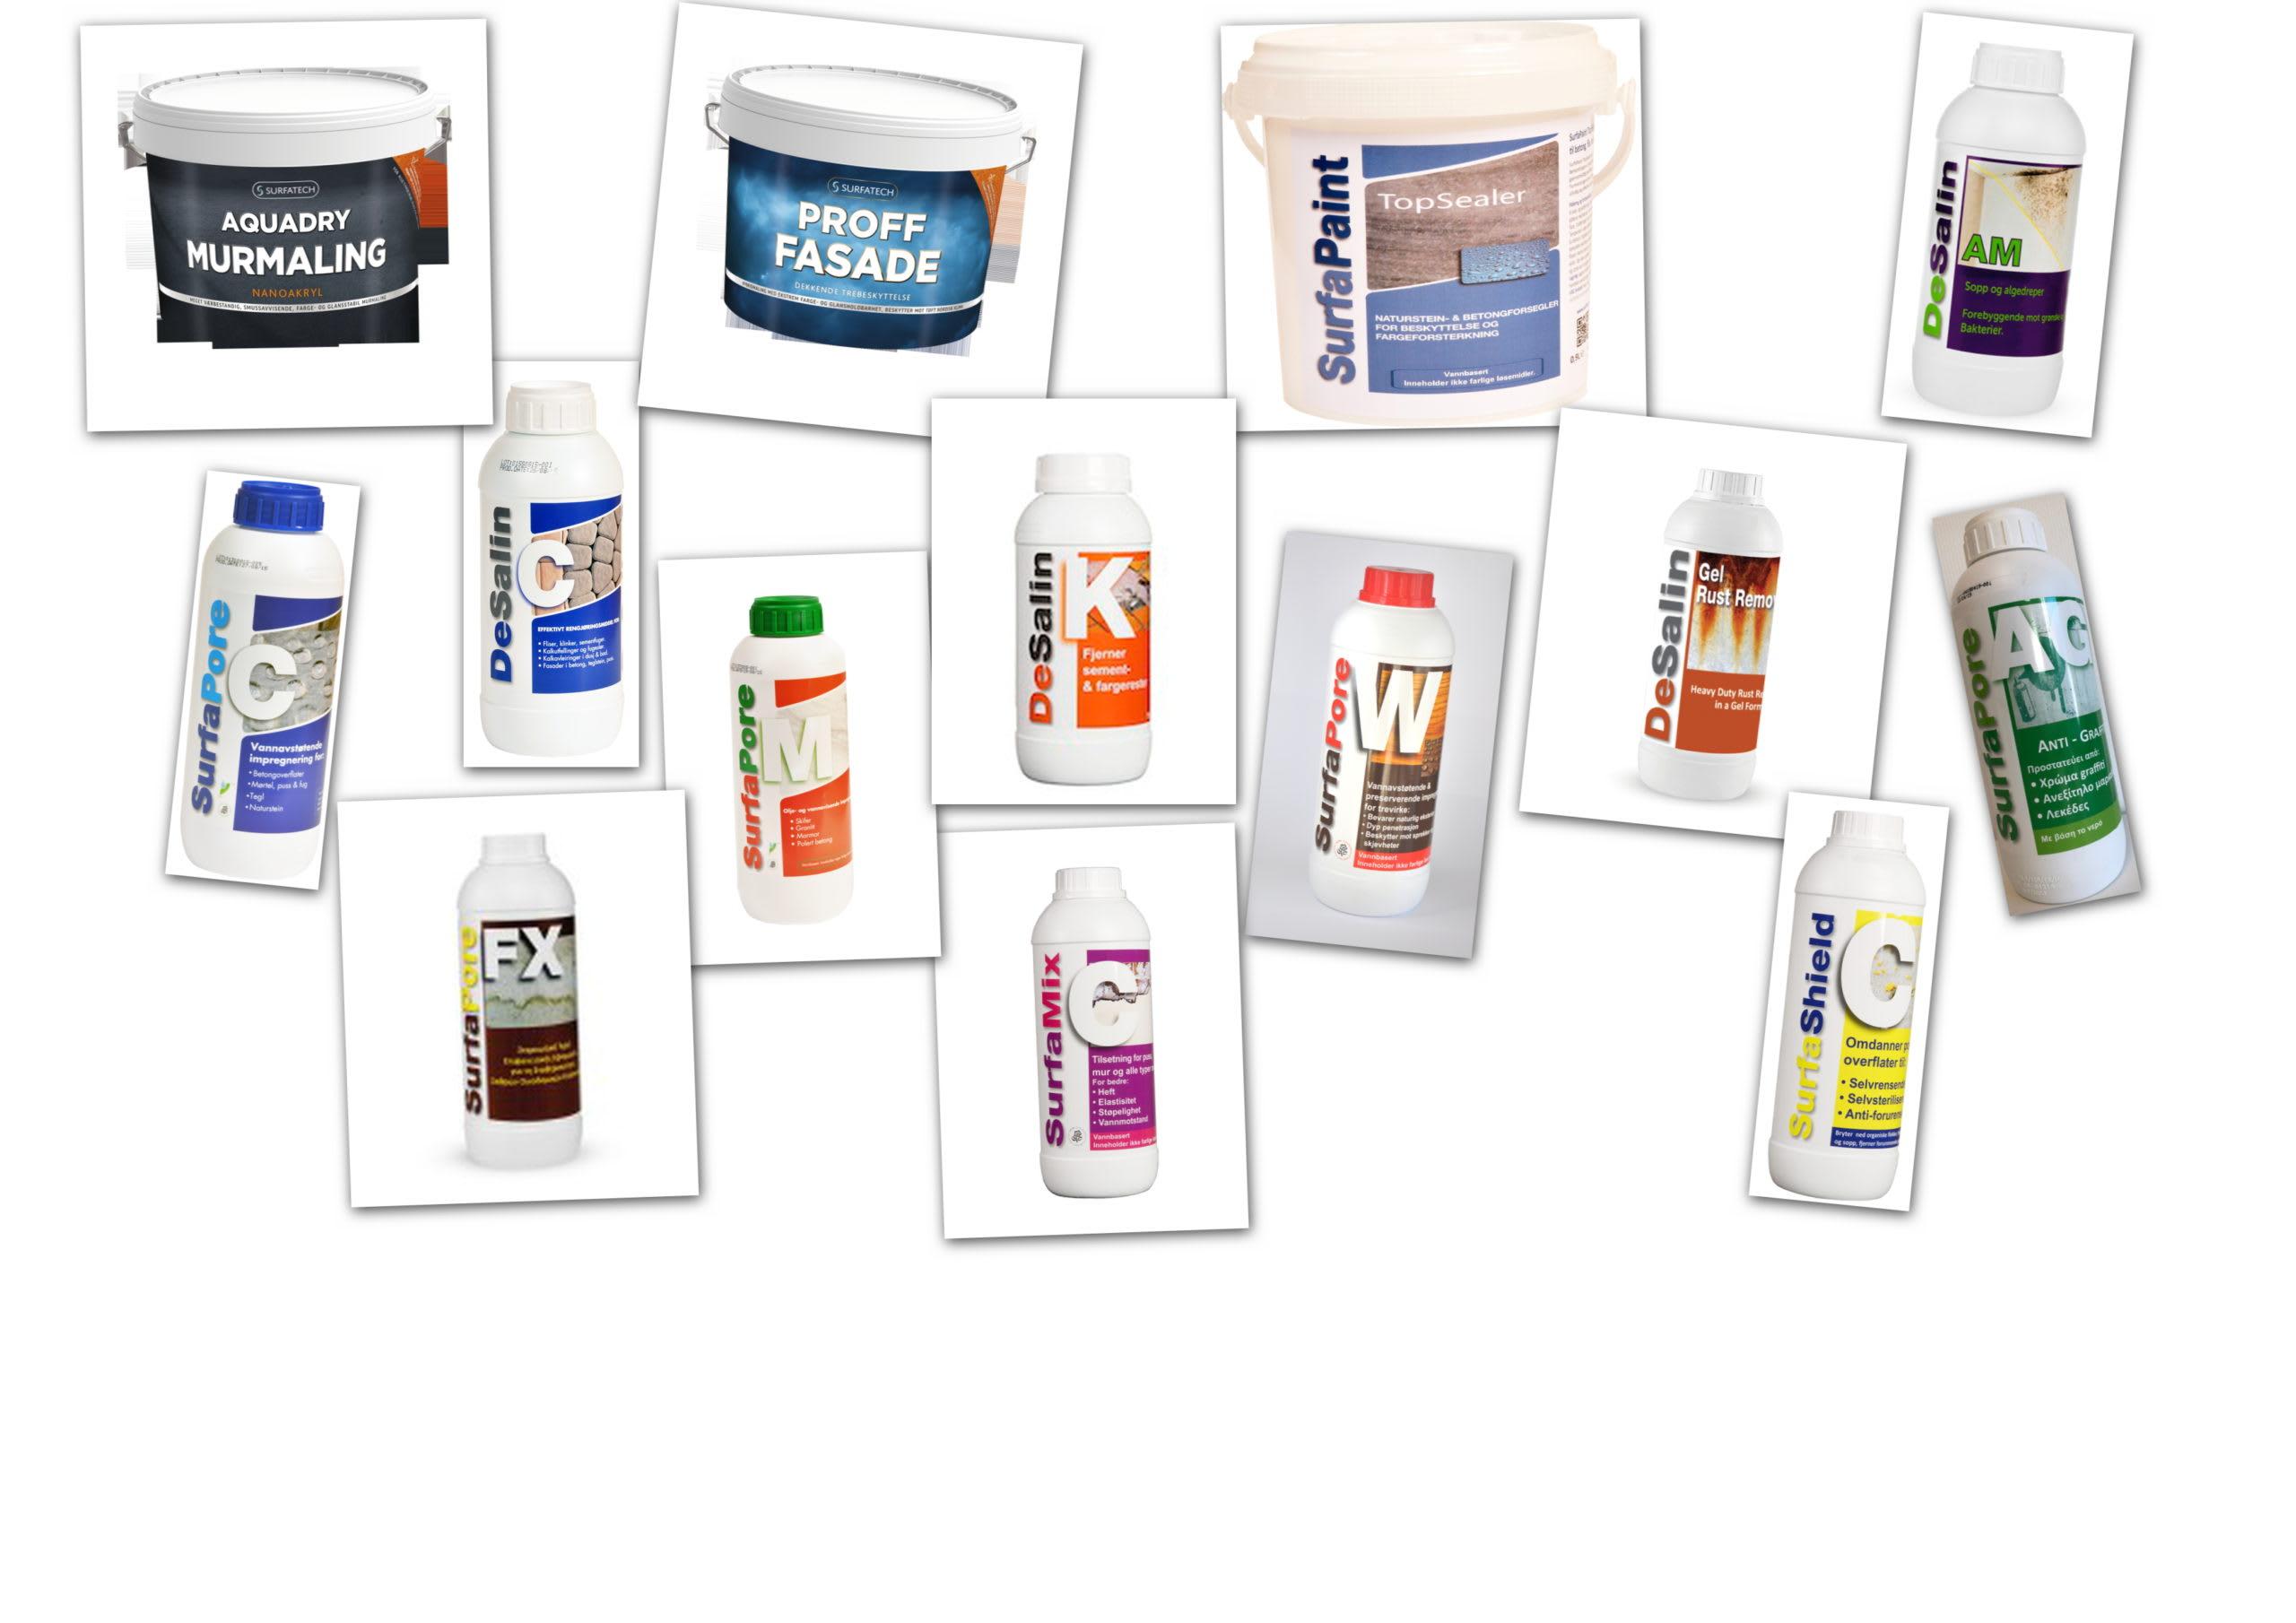 Surfapore produkter til rens av fliser